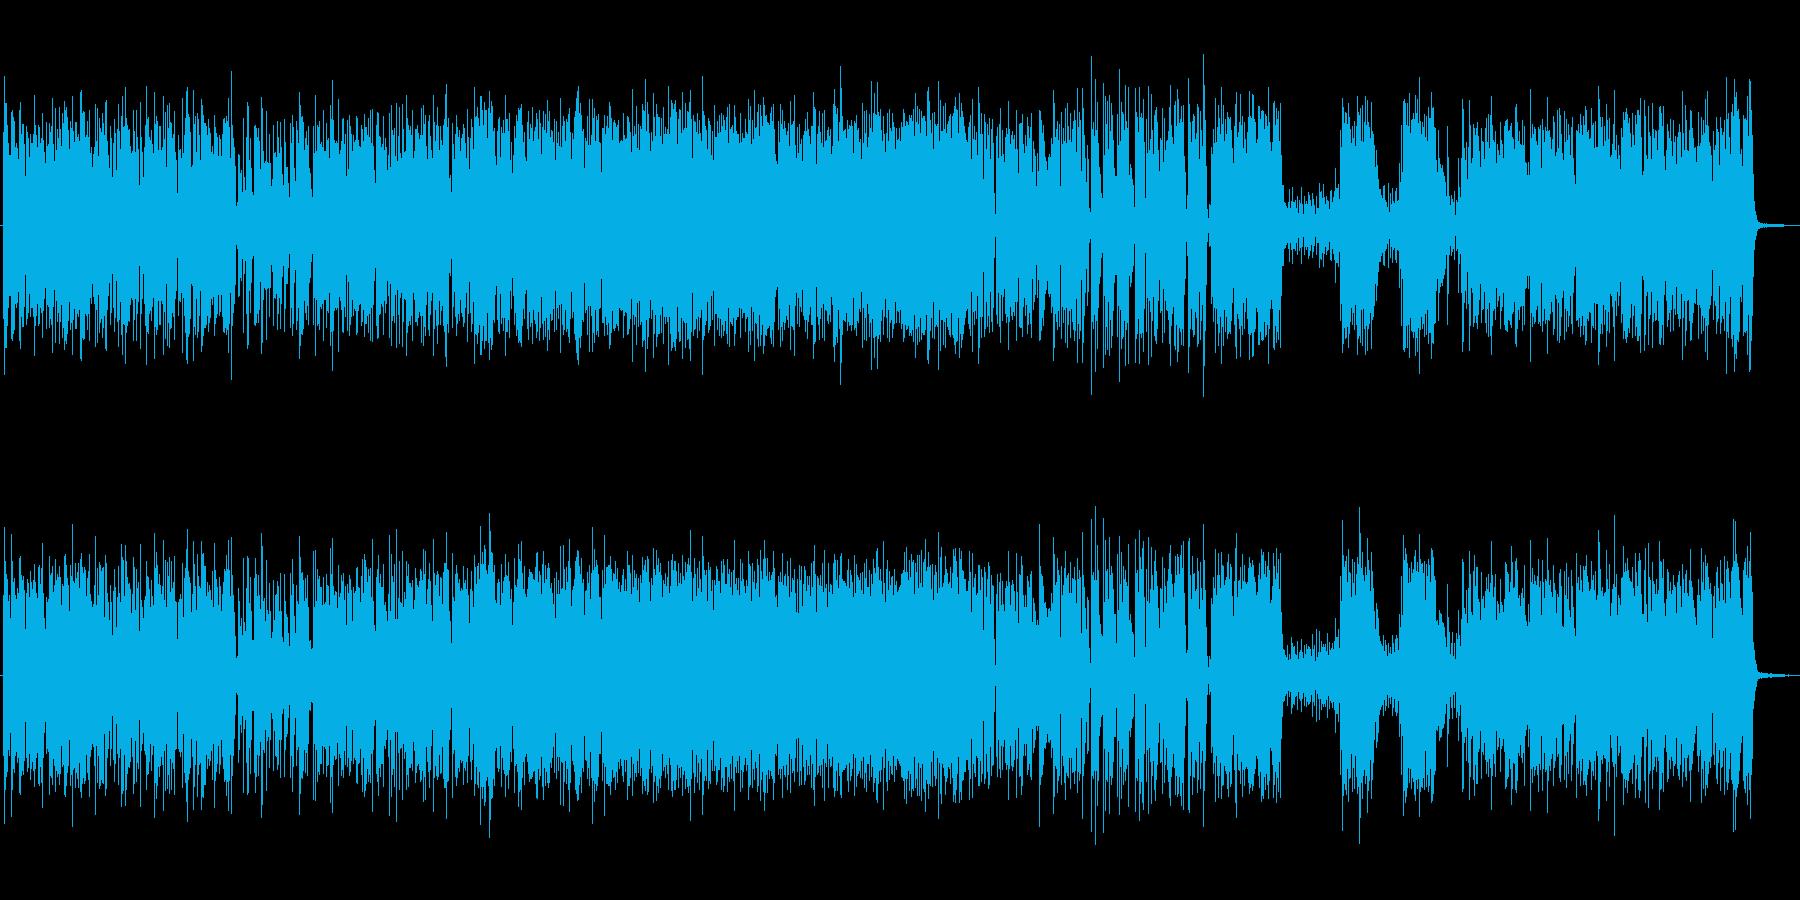 爽やかで軽快なジャズピアノトリオの再生済みの波形